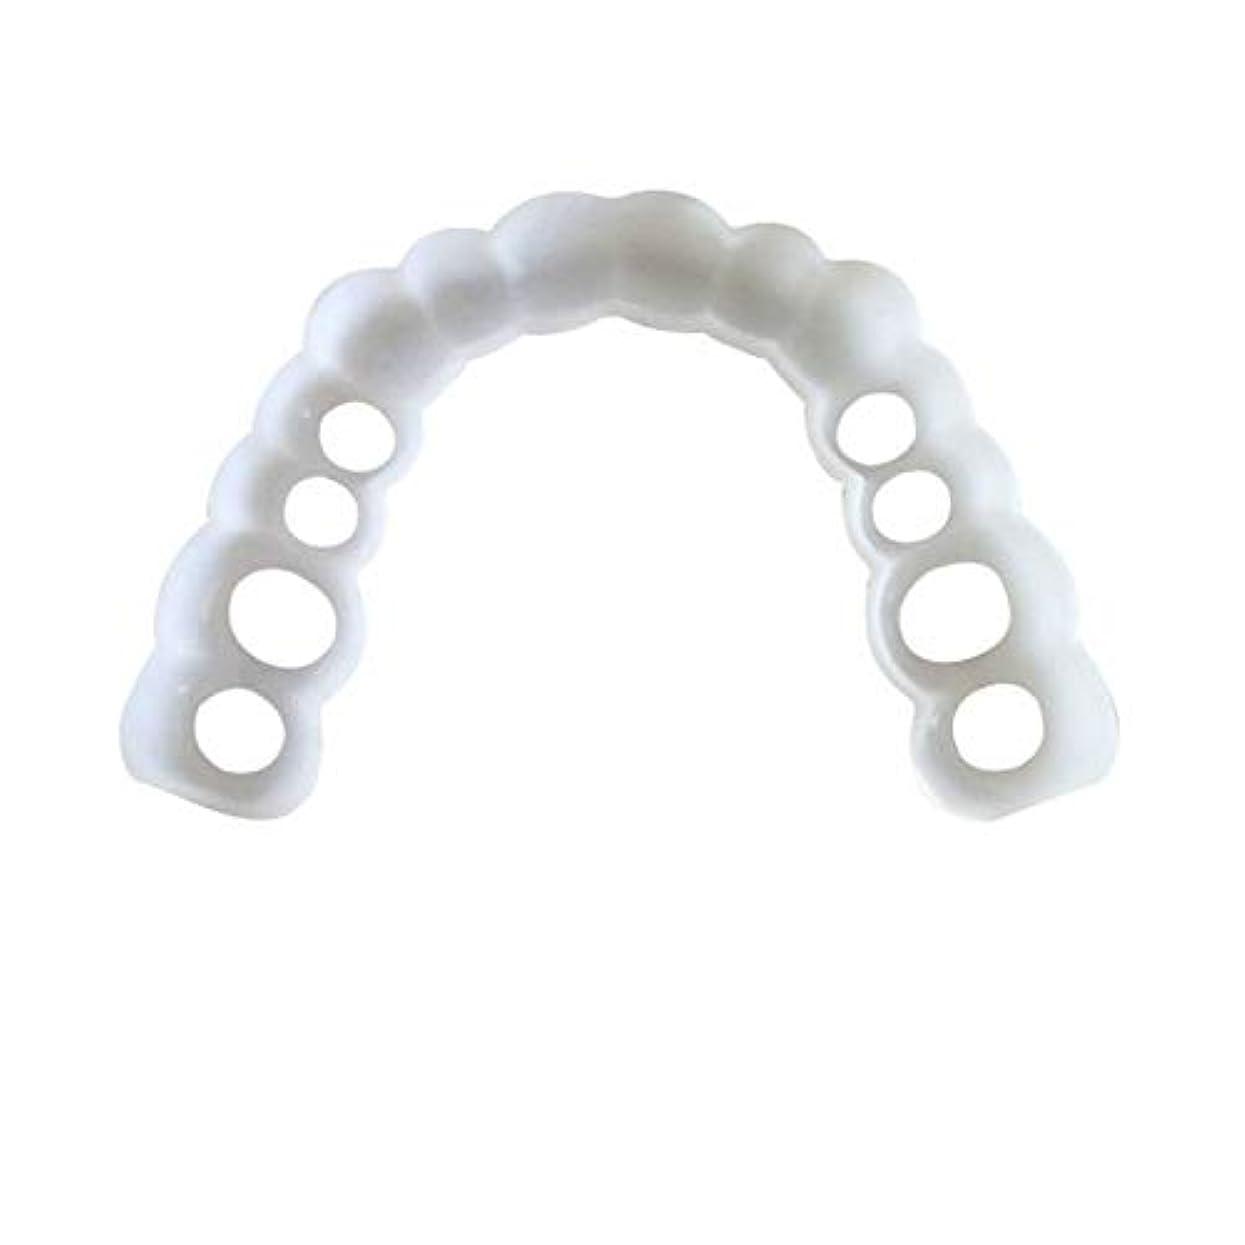 怠敵意食料品店777/5000 1組の一時的な化粧品の歯義歯の歯の化粧品の模擬装具アッパーブレース+ロワーブレース、インスタント快適なフレックスパーフェクトベニア上の歯のスナップキャップ